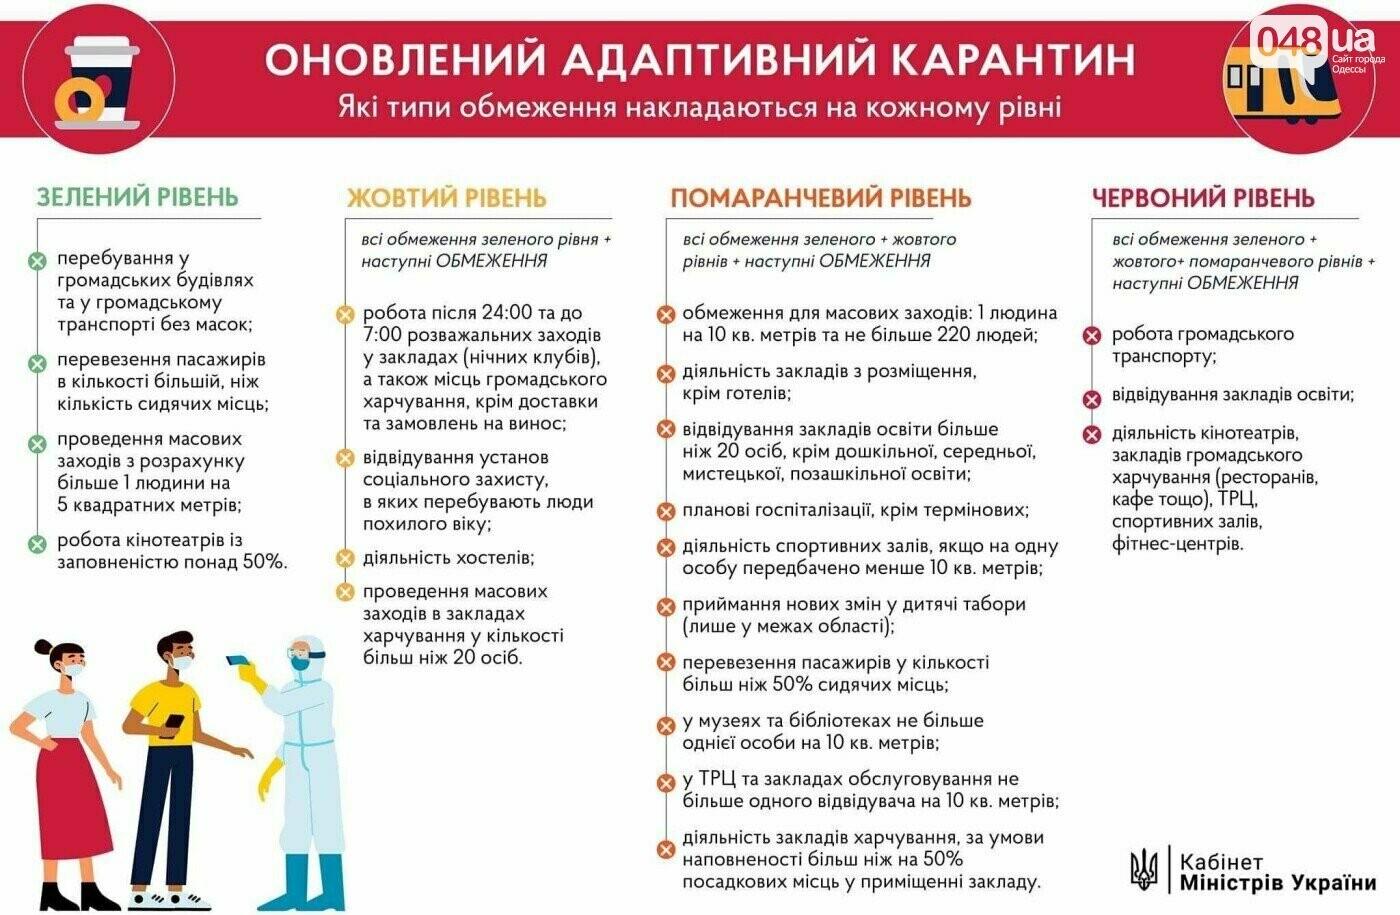 Коронавирус в Одесской области: три города и семь районов попали в красную зону карантина1